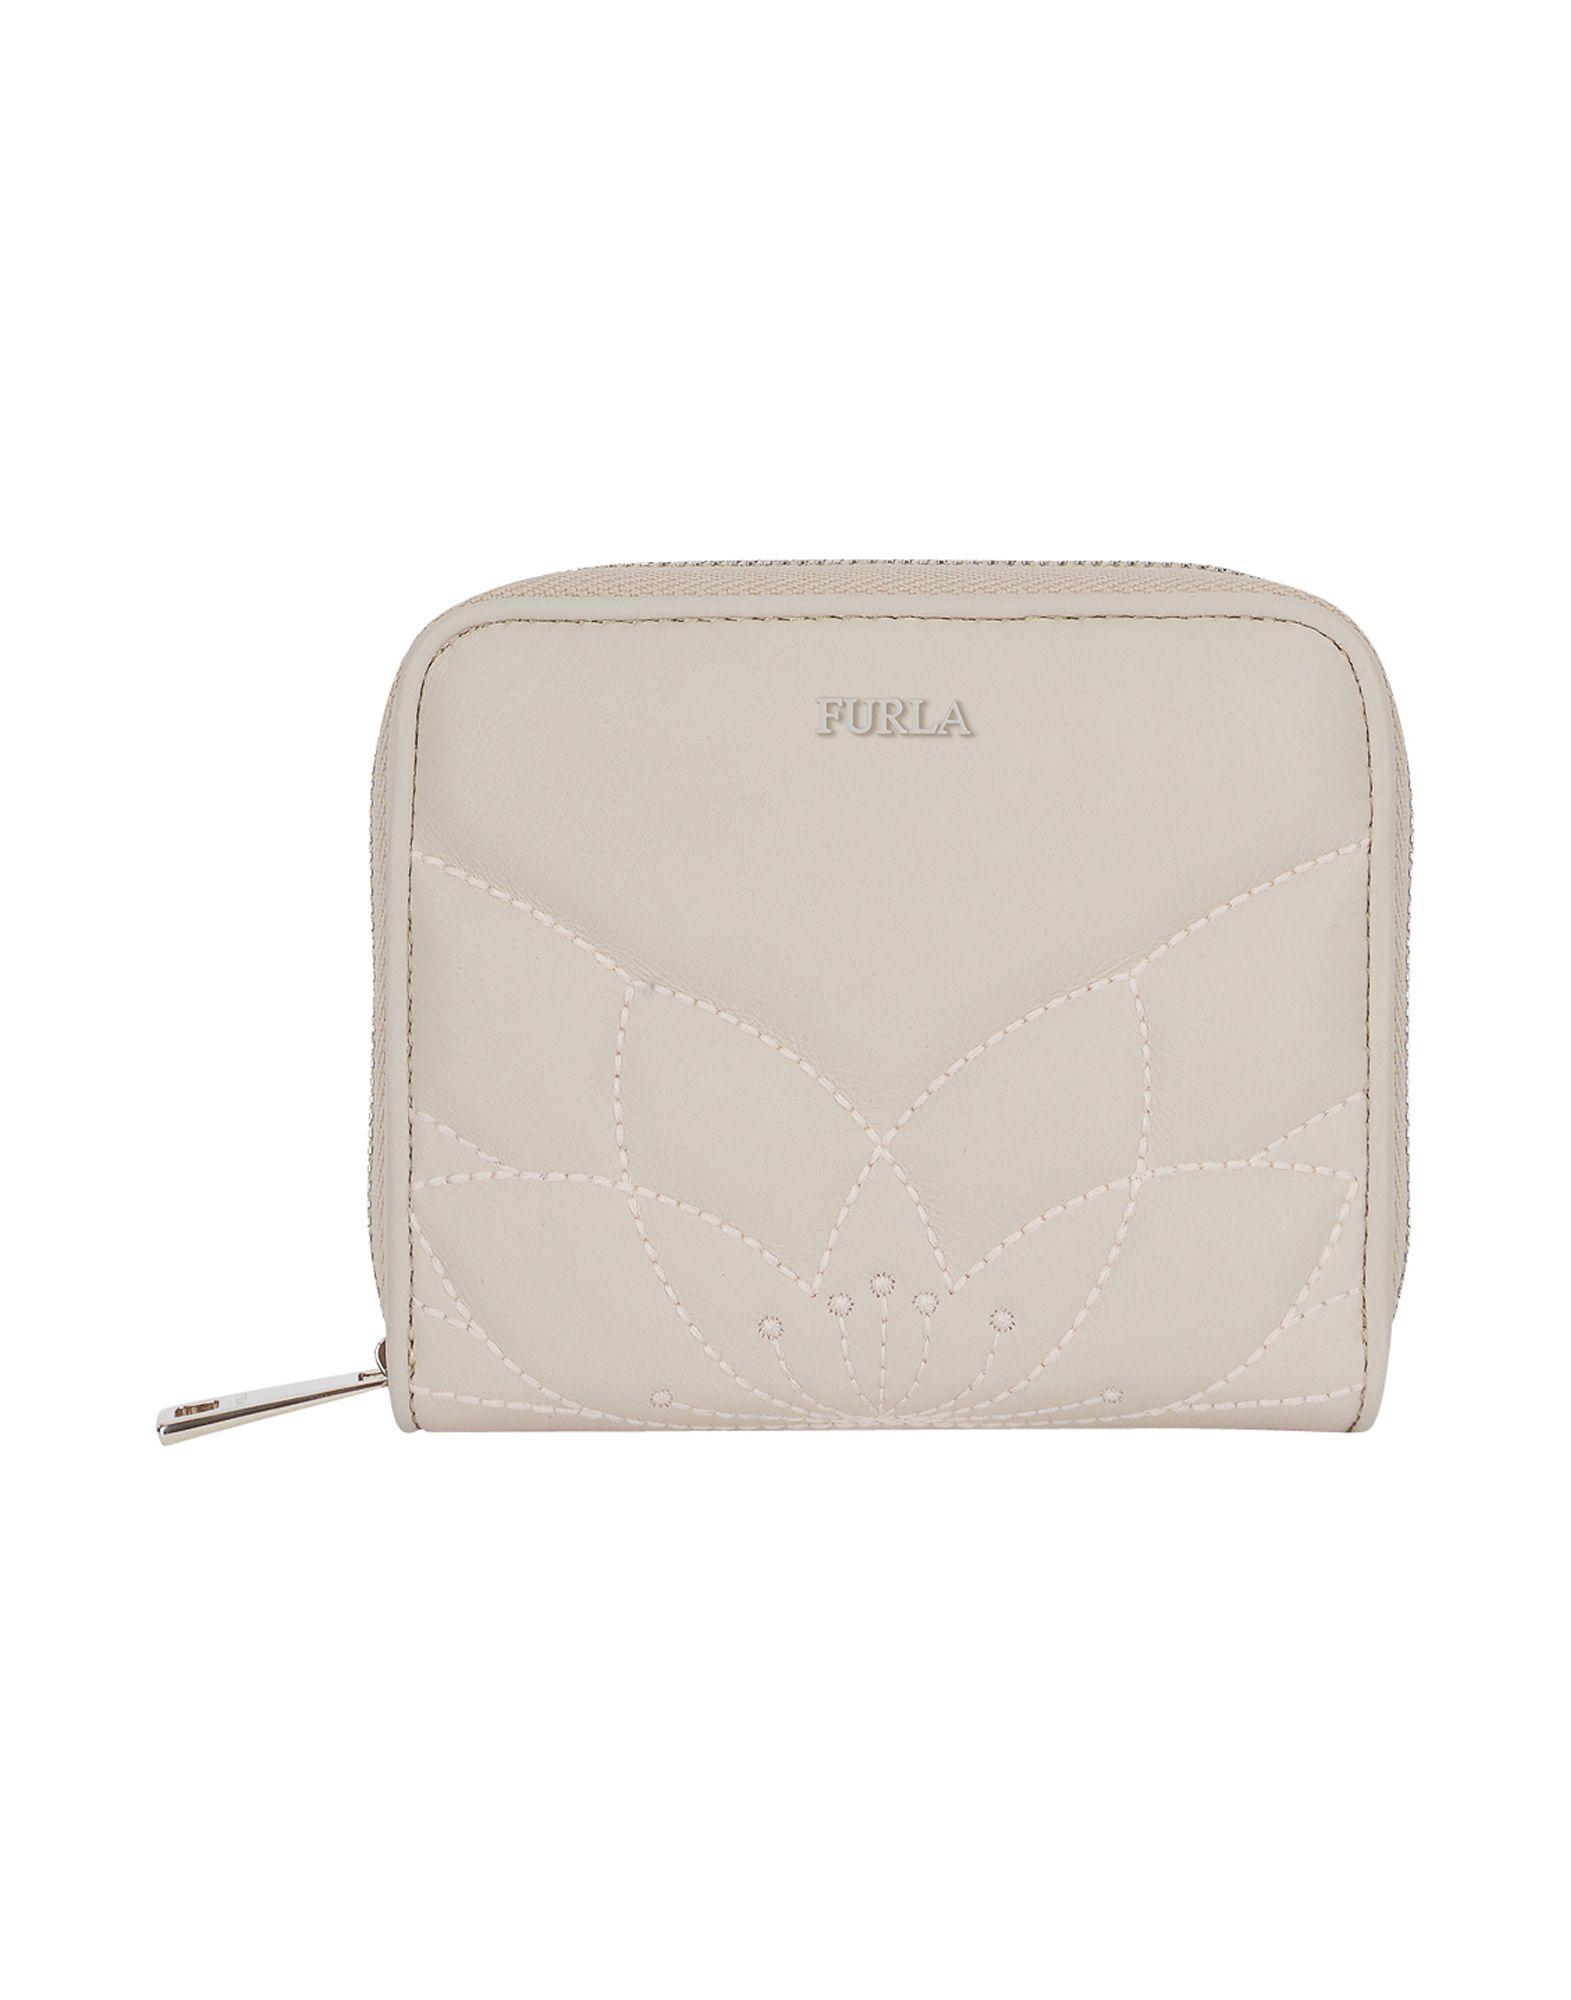 《送料無料》FURLA レディース 財布 ライトグレー 革 100% MALVA S ZIP AROUND